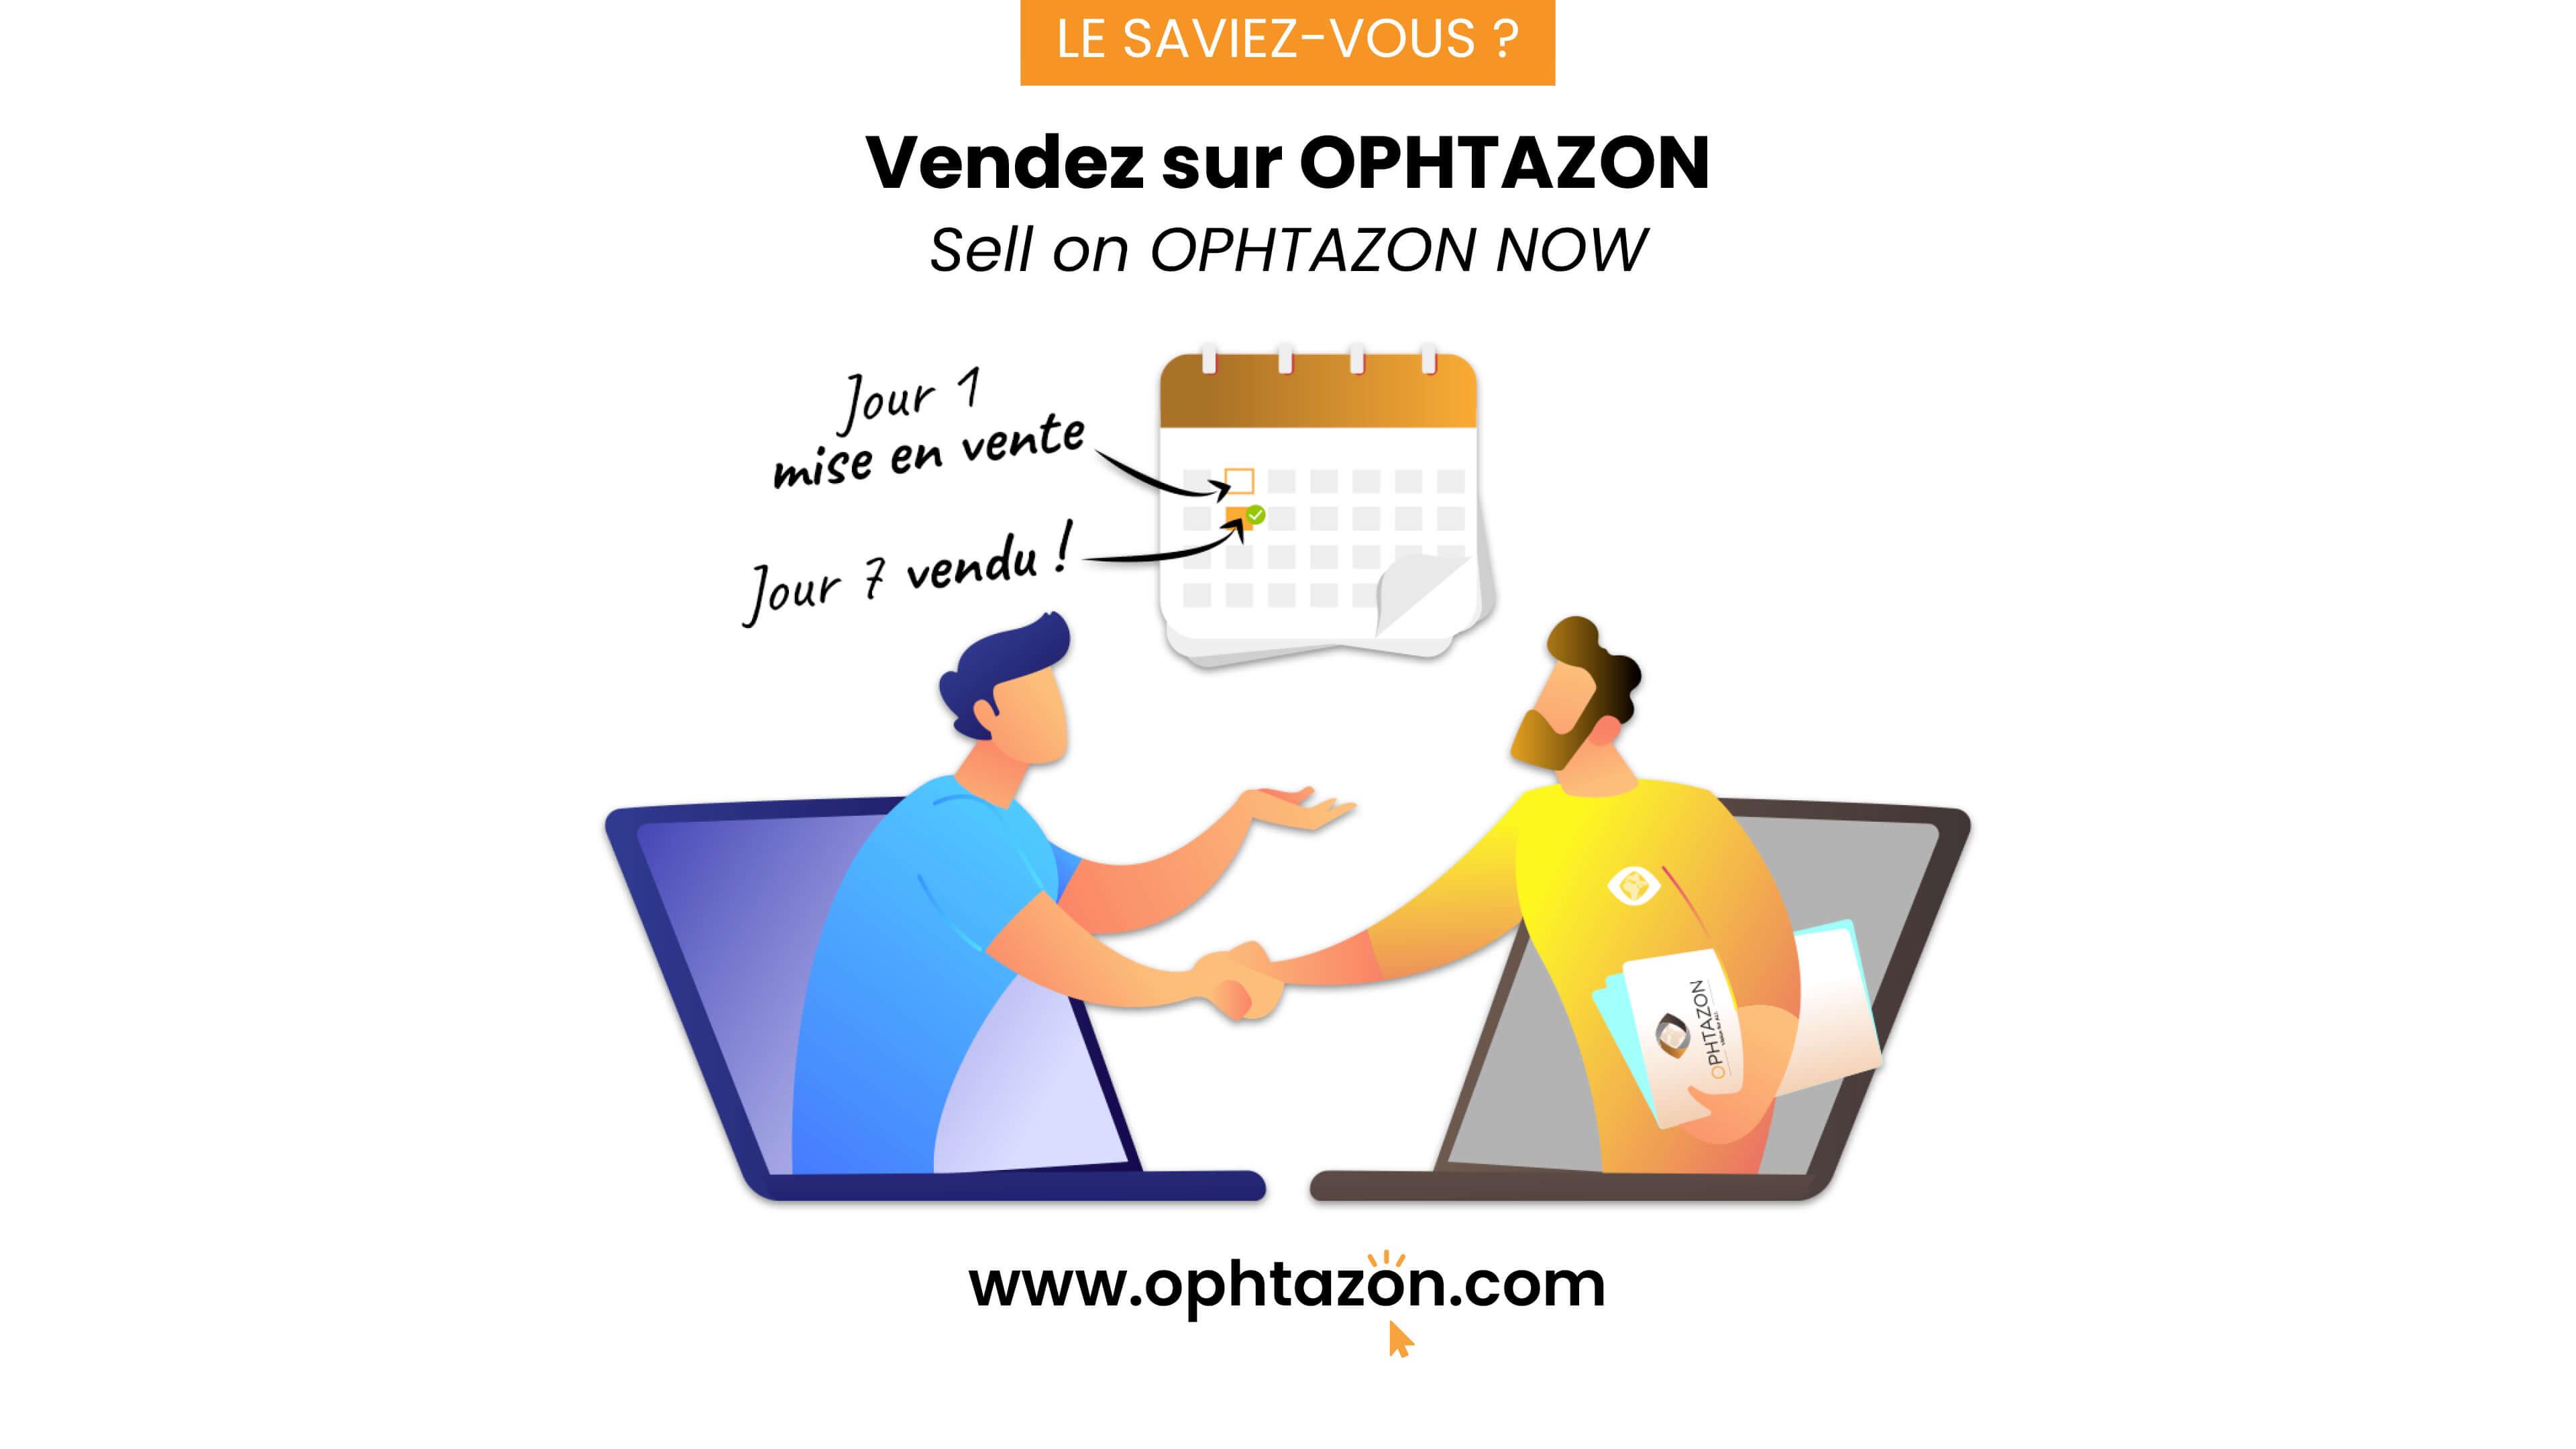 Vendez sur OPHTAZON